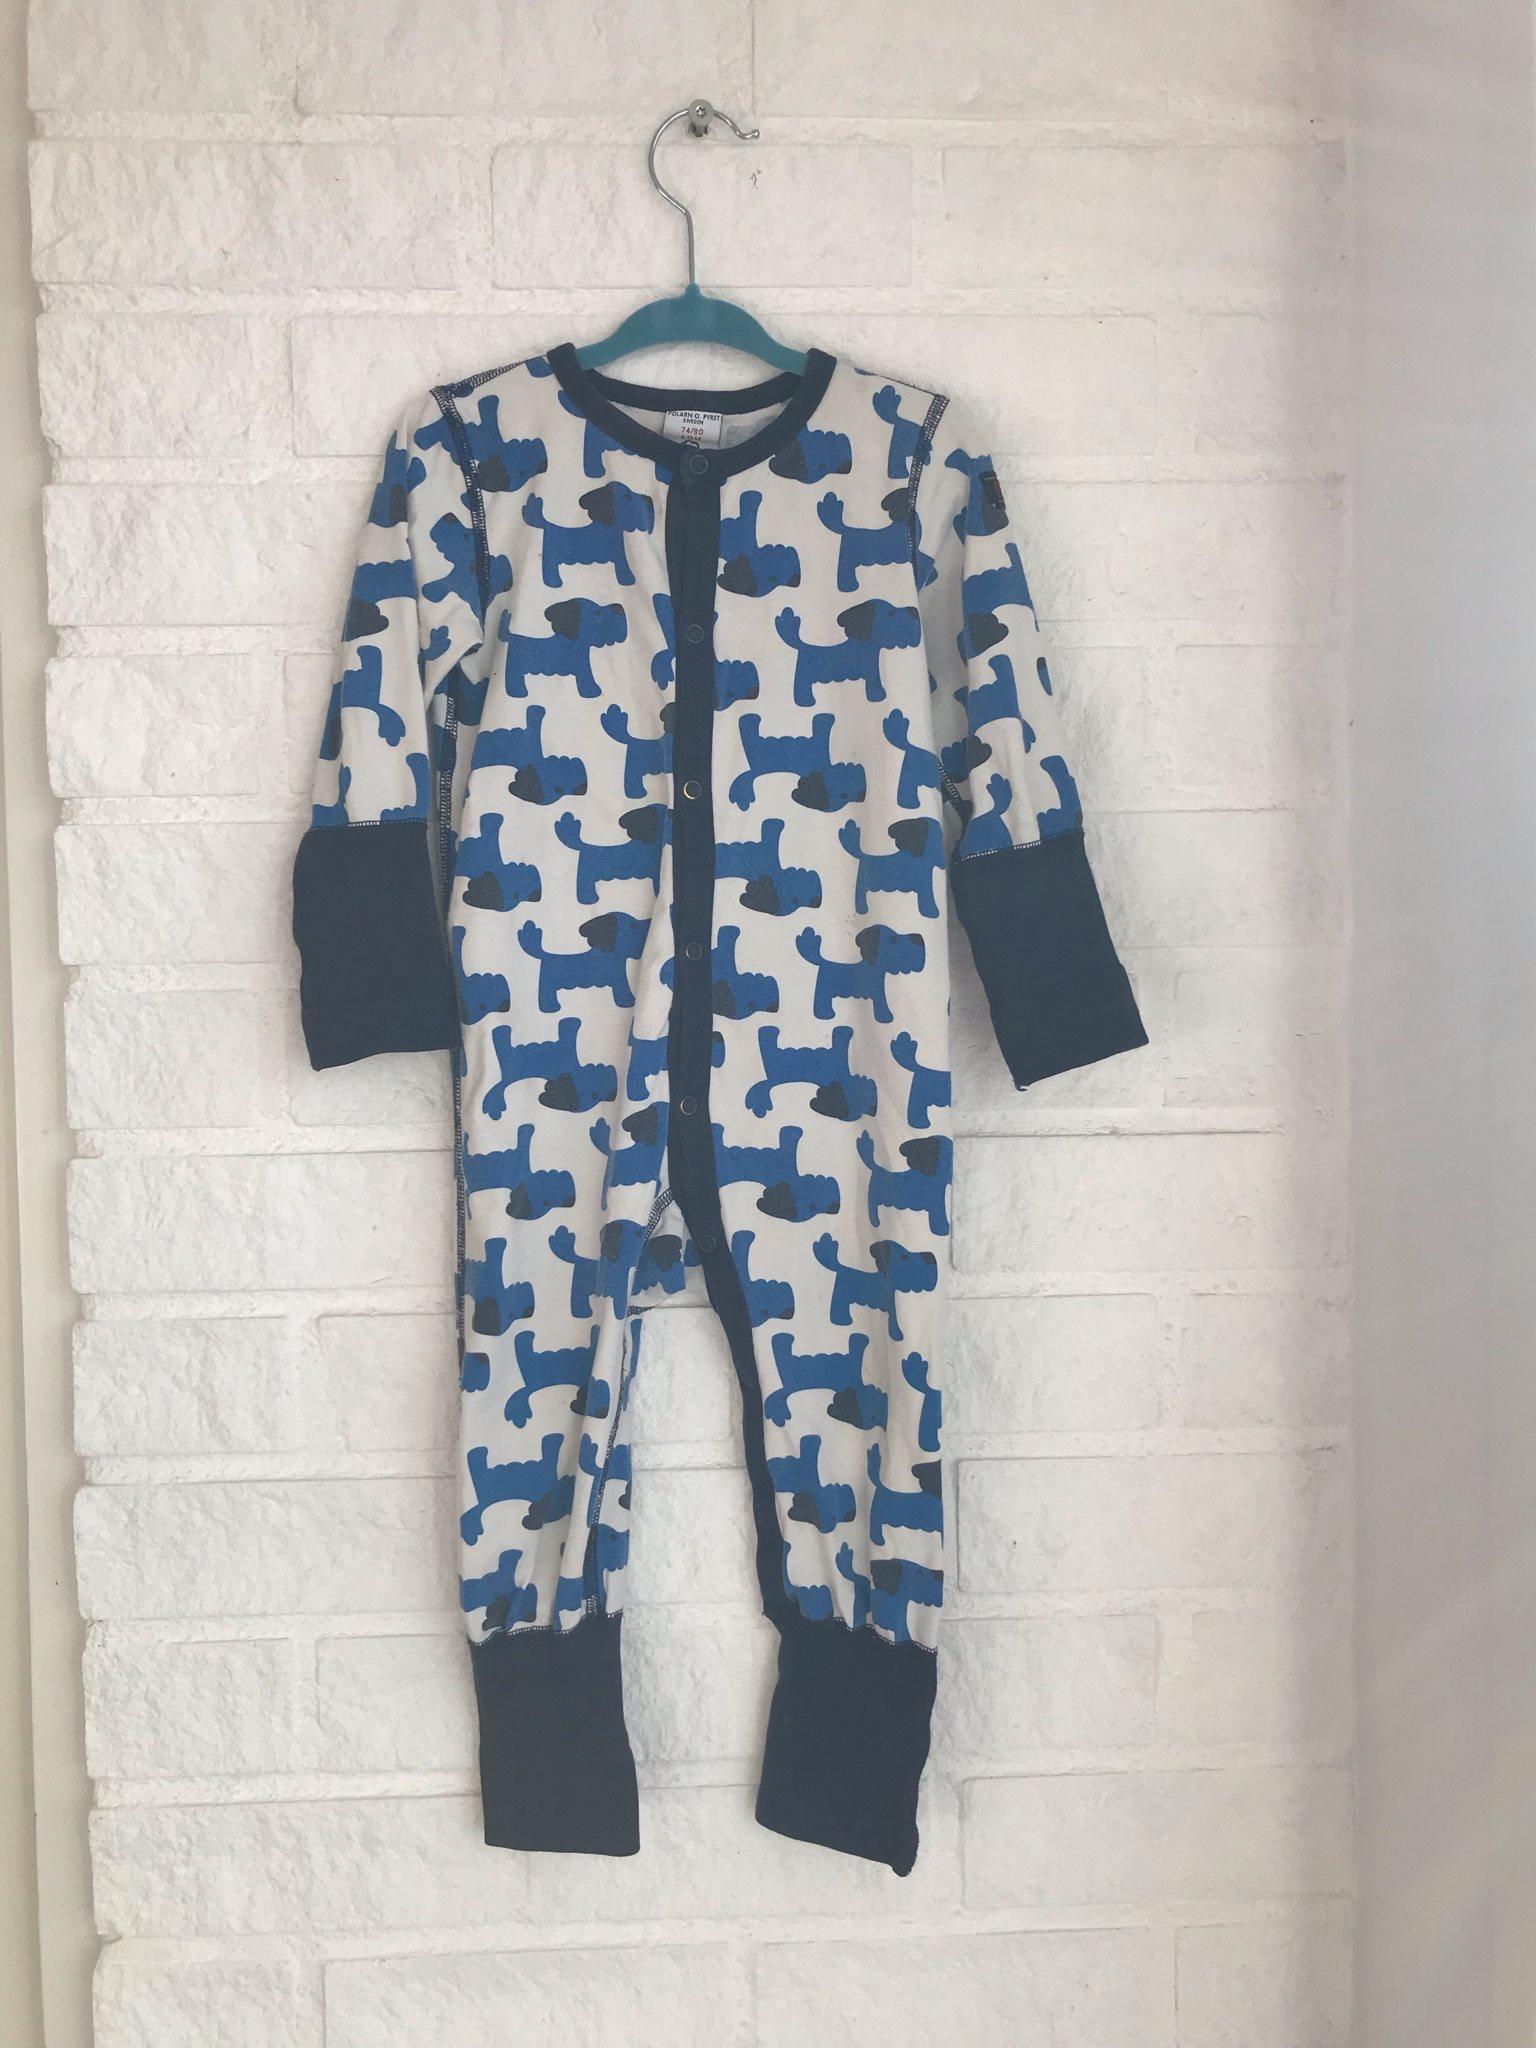 Pop polarn och pyret pyjamas hundar strl 74 80 .. (336864617) ᐈ Köp ... 216c9171e983d